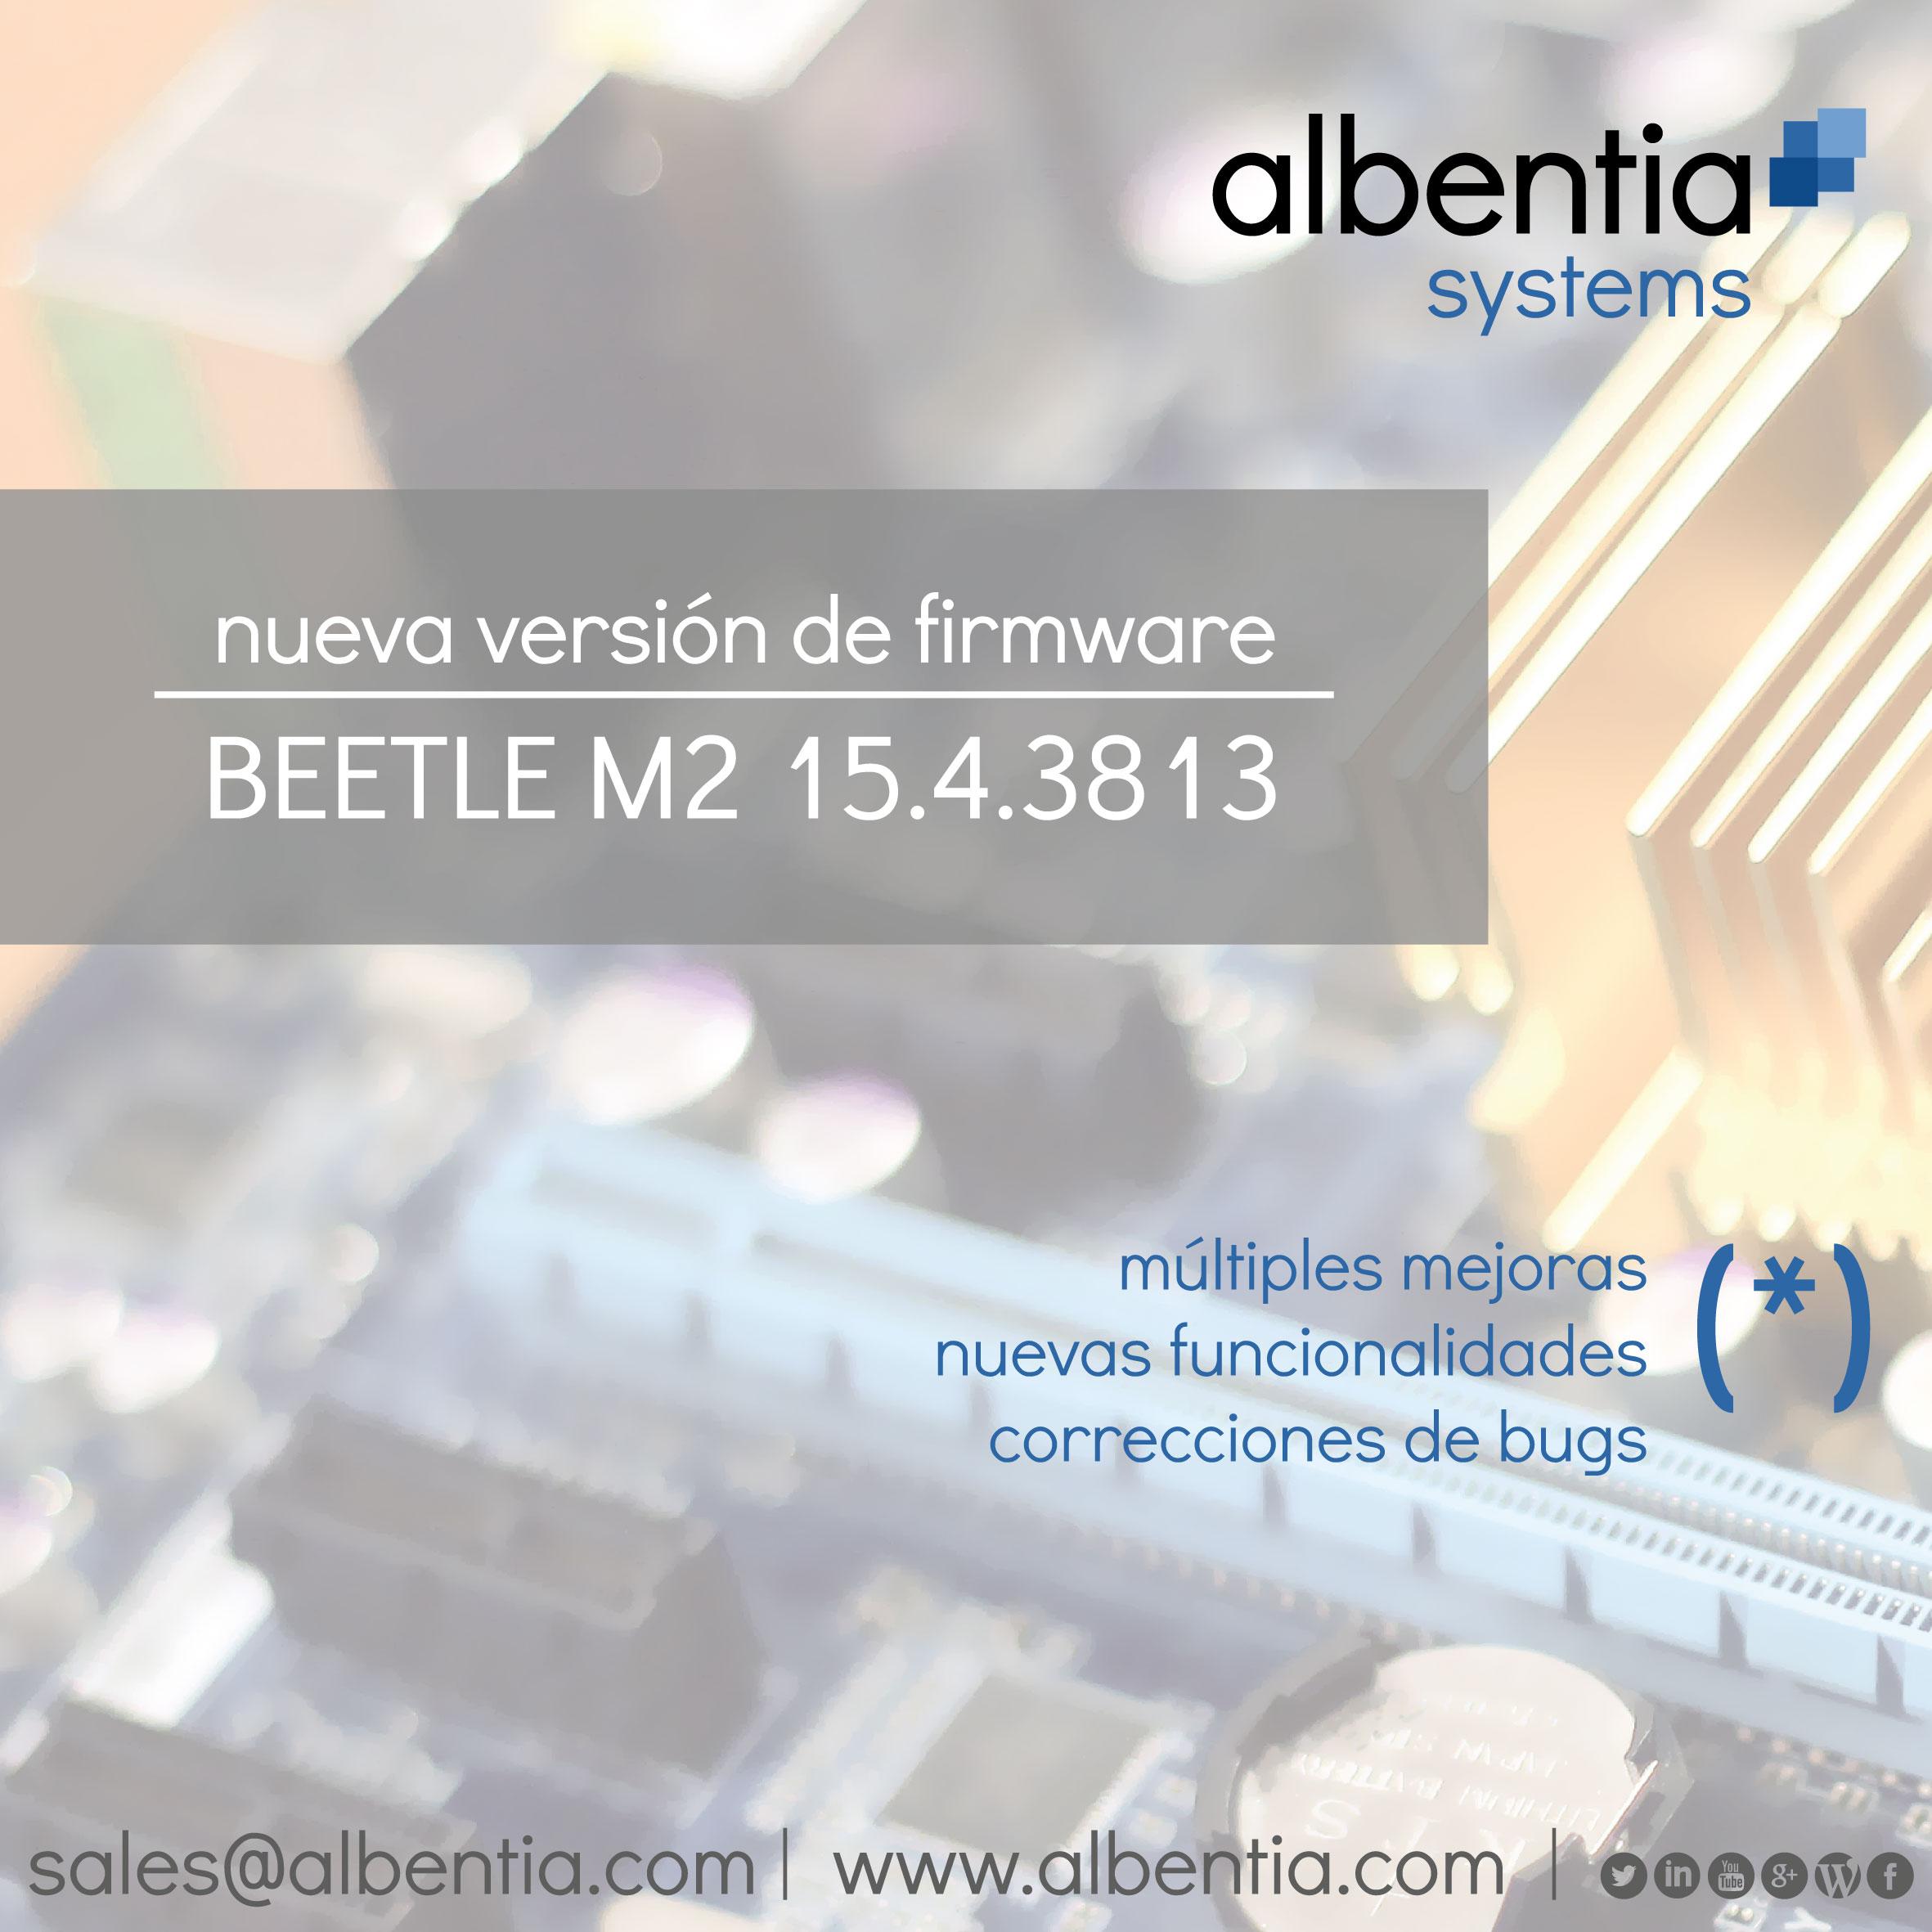 Beetle M2 15.4.3813-01